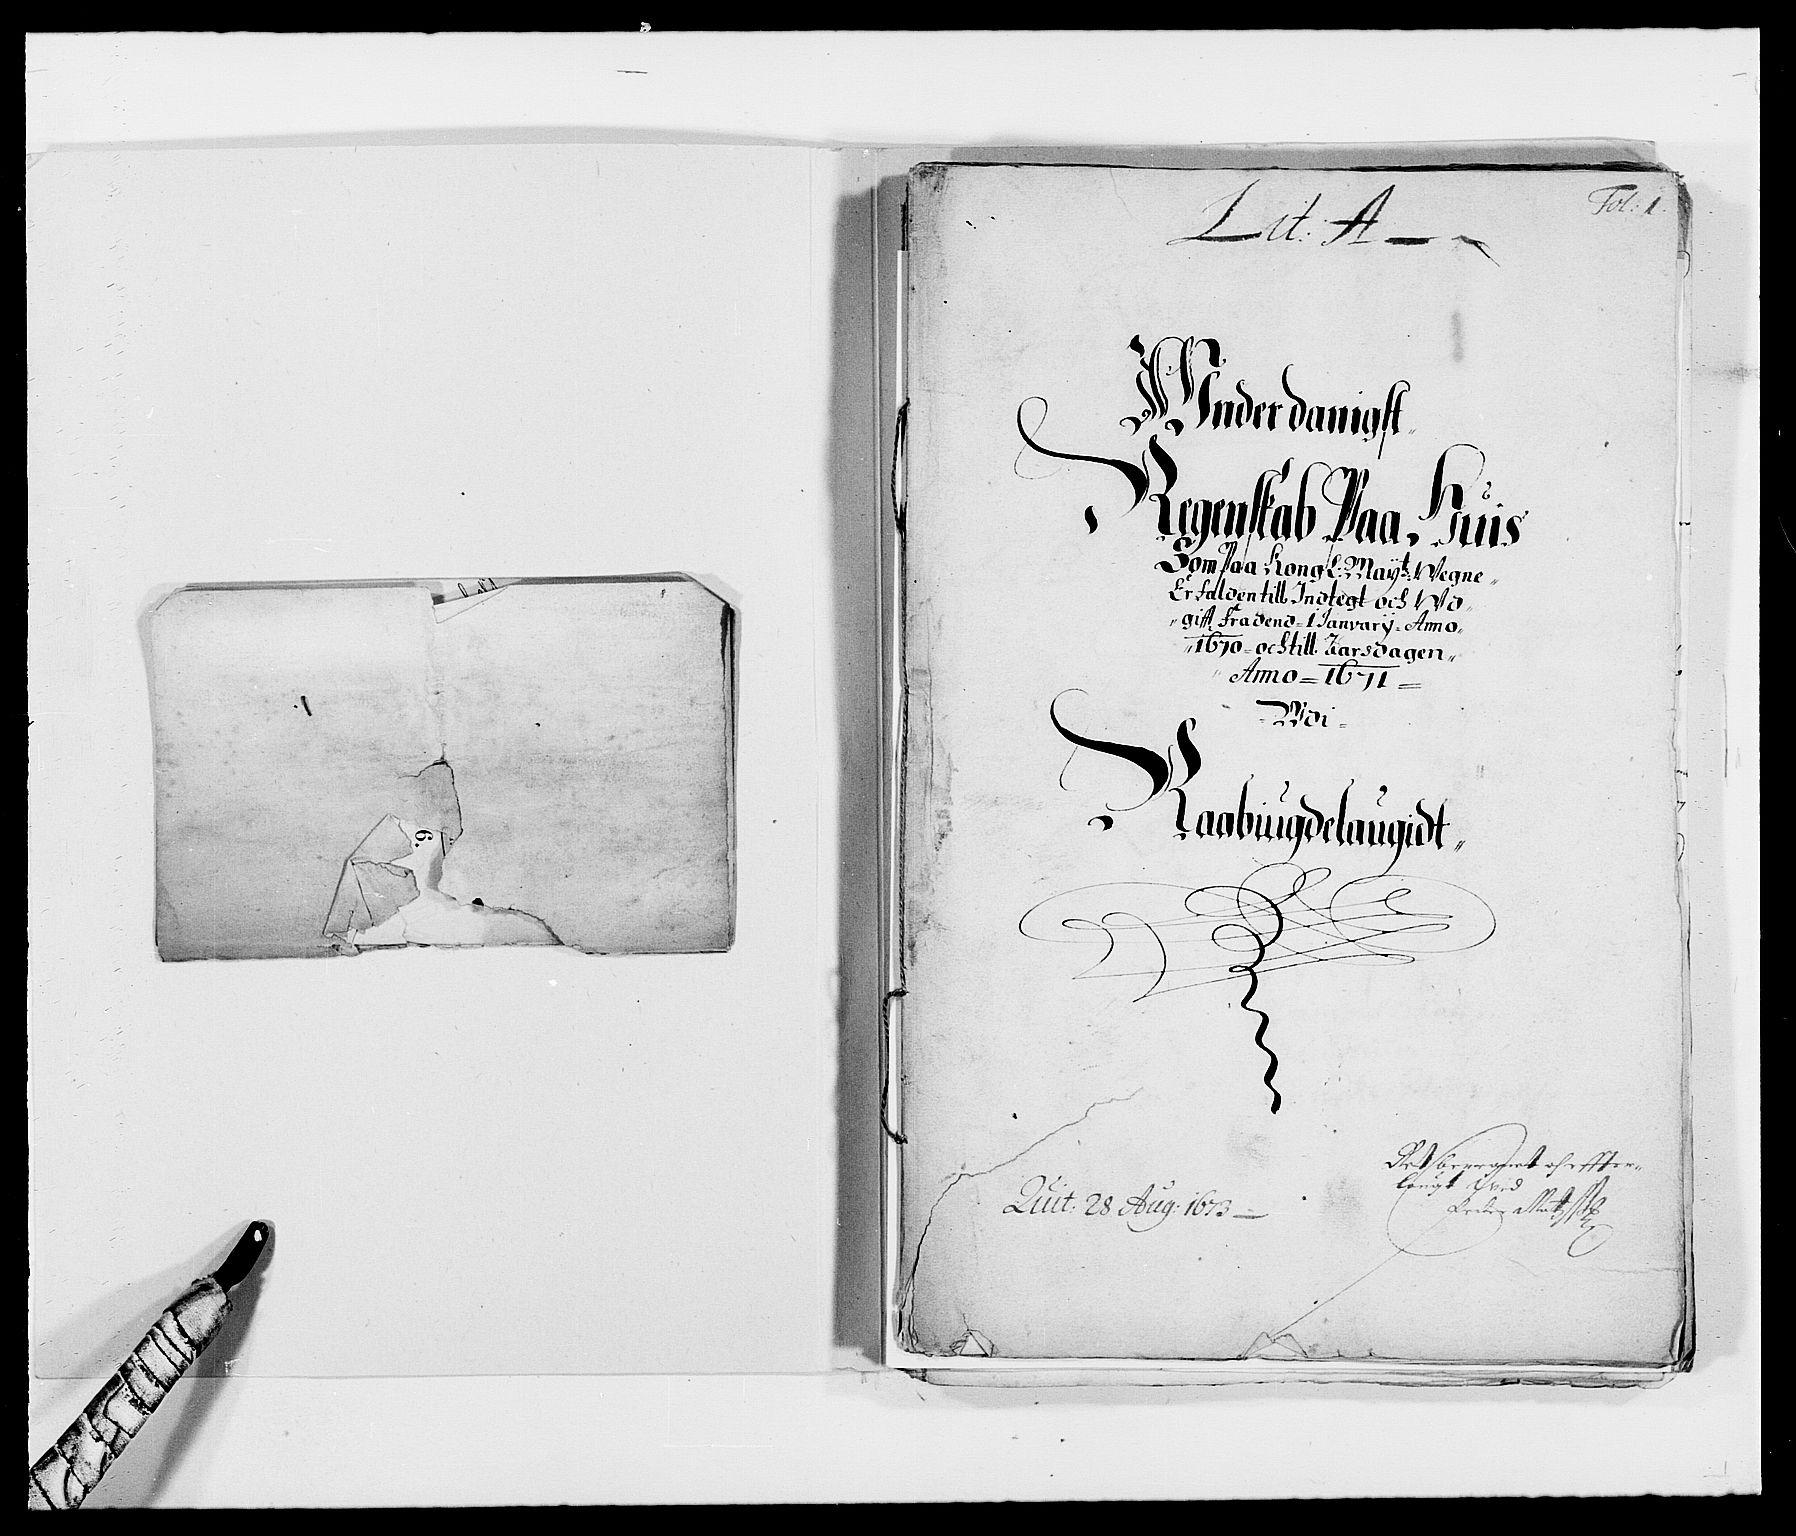 RA, Rentekammeret inntil 1814, Reviderte regnskaper, Fogderegnskap, R40/L2432: Fogderegnskap Råbyggelag, 1669-1670, s. 119